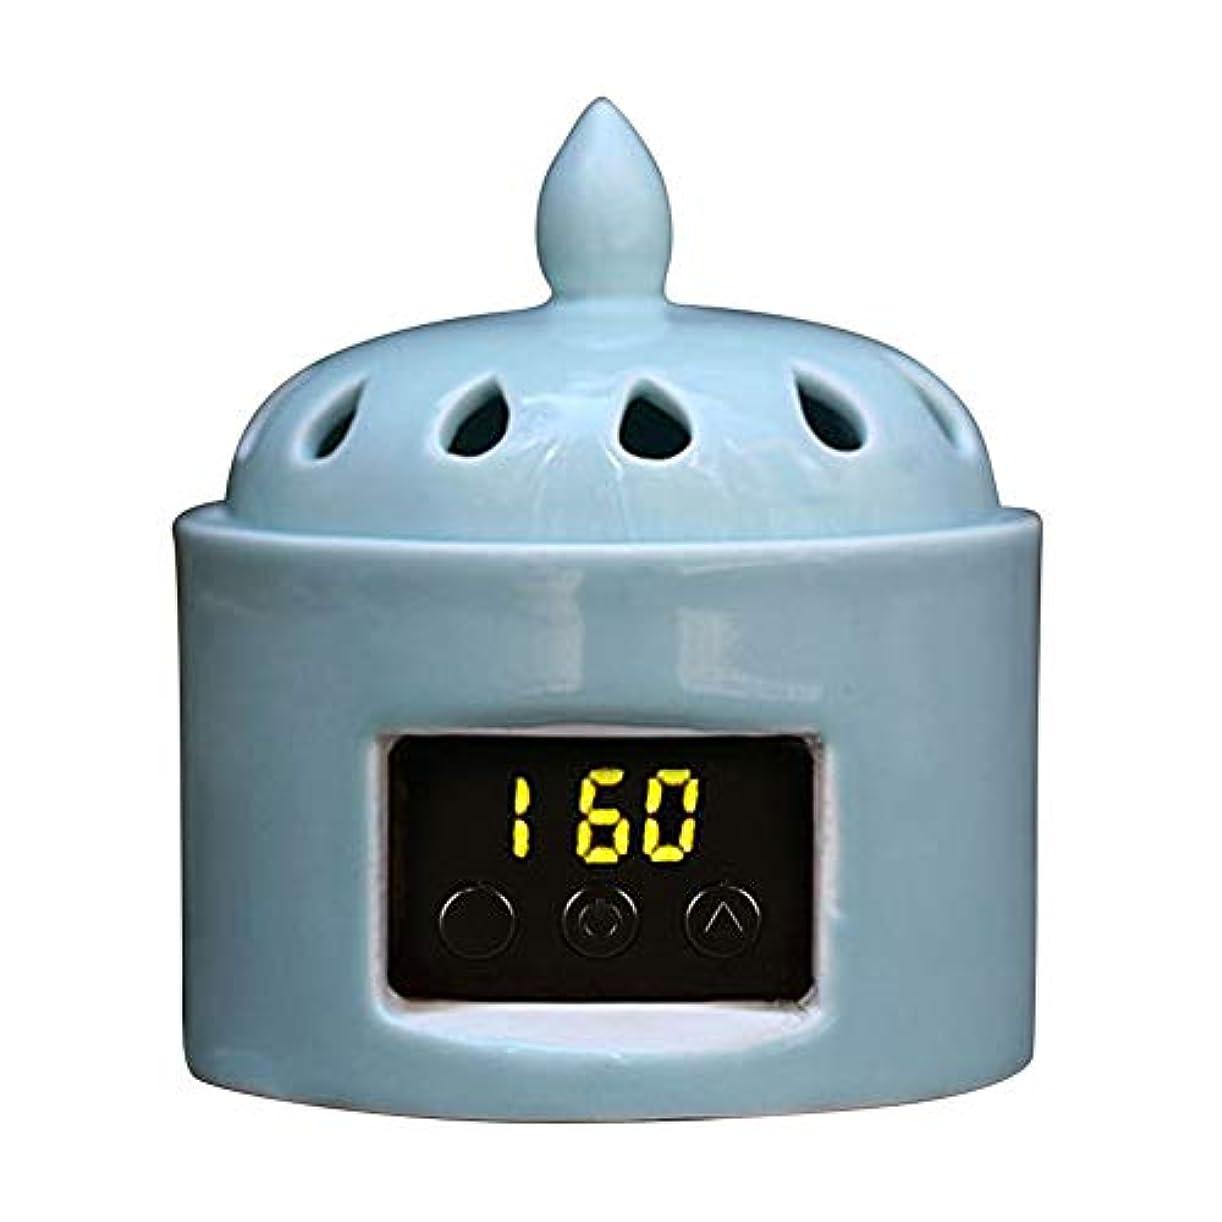 松地質学行進アロマディフューザー LCD温度制御 香炉、 電気セラミック 寒天 エッセンシャルオイル アロマテラピーディフューザー、 ホーム磁器、 バルコニー、 ポーチ、 パティオ、 ガーデンエッセンシャル セラミック電気香炉